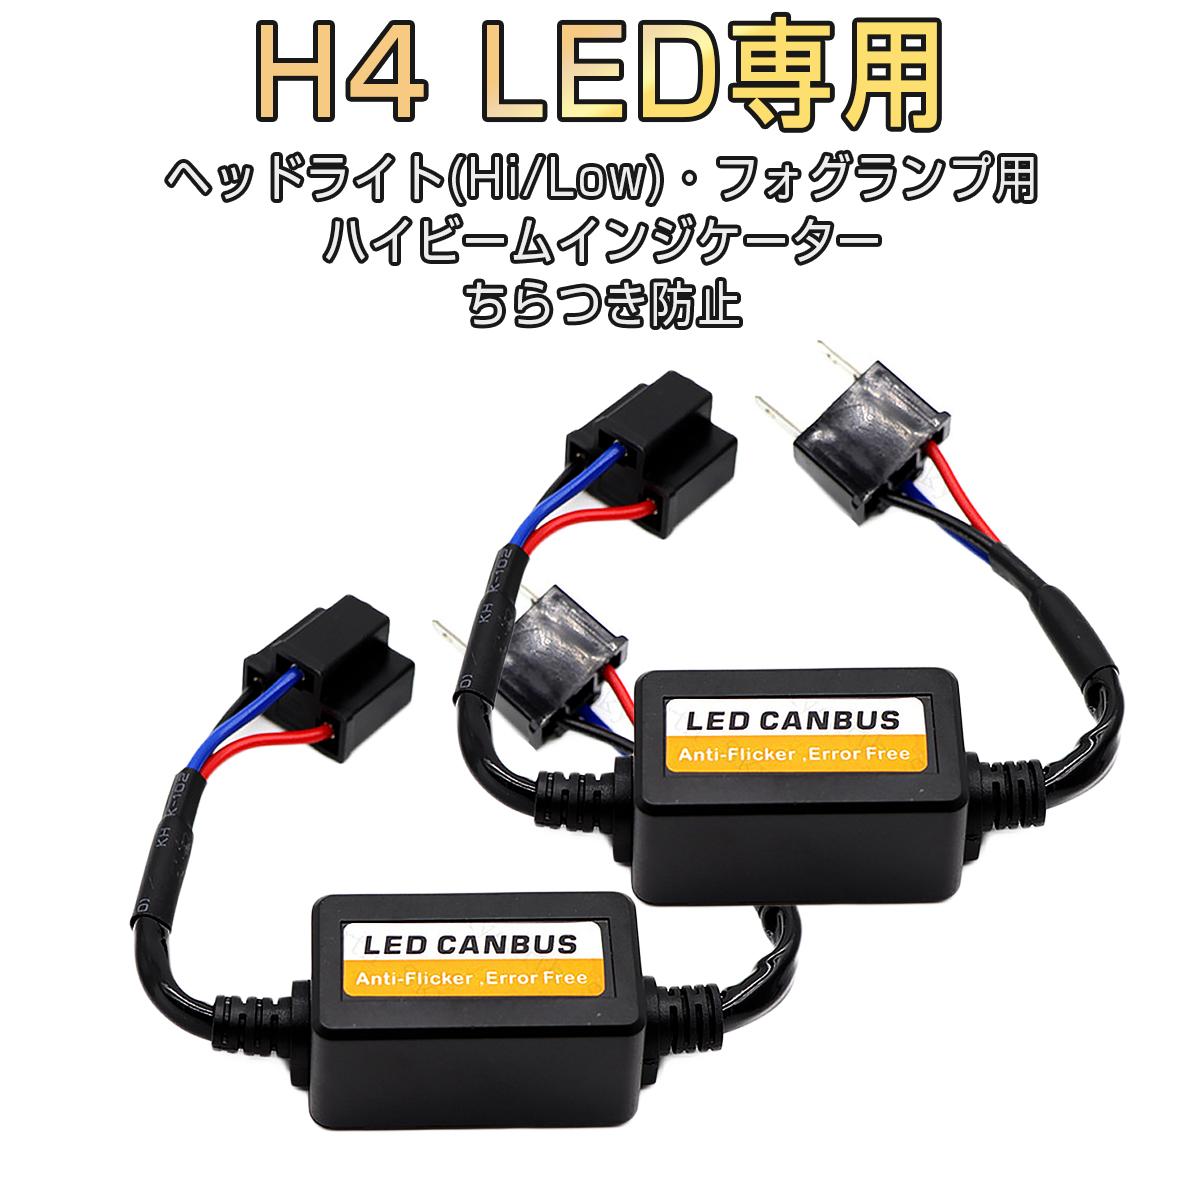 LED H4 Hi/Low 兼用 LED化対策 LEDデコーダー ヘッドライト LEDヘッドライト LEDちらつき防止 キャンセラー ユニット 12V ノイズ軽減 2本セット SDM送料無料 1ヶ月保証